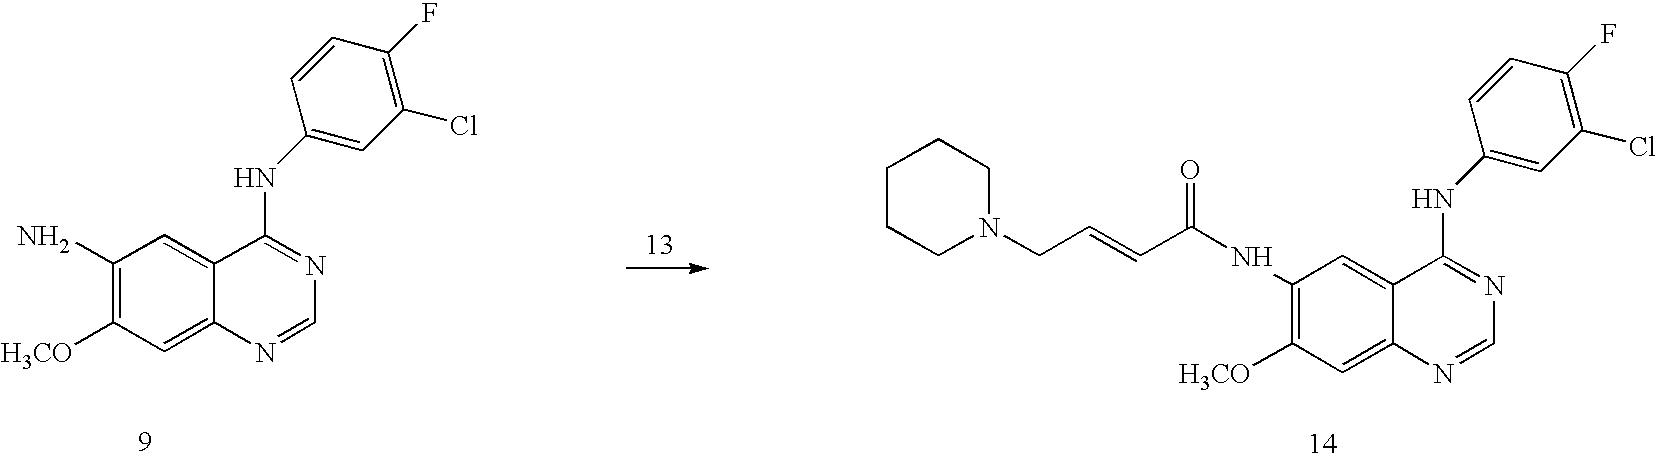 Figure US07772243-20100810-C00010